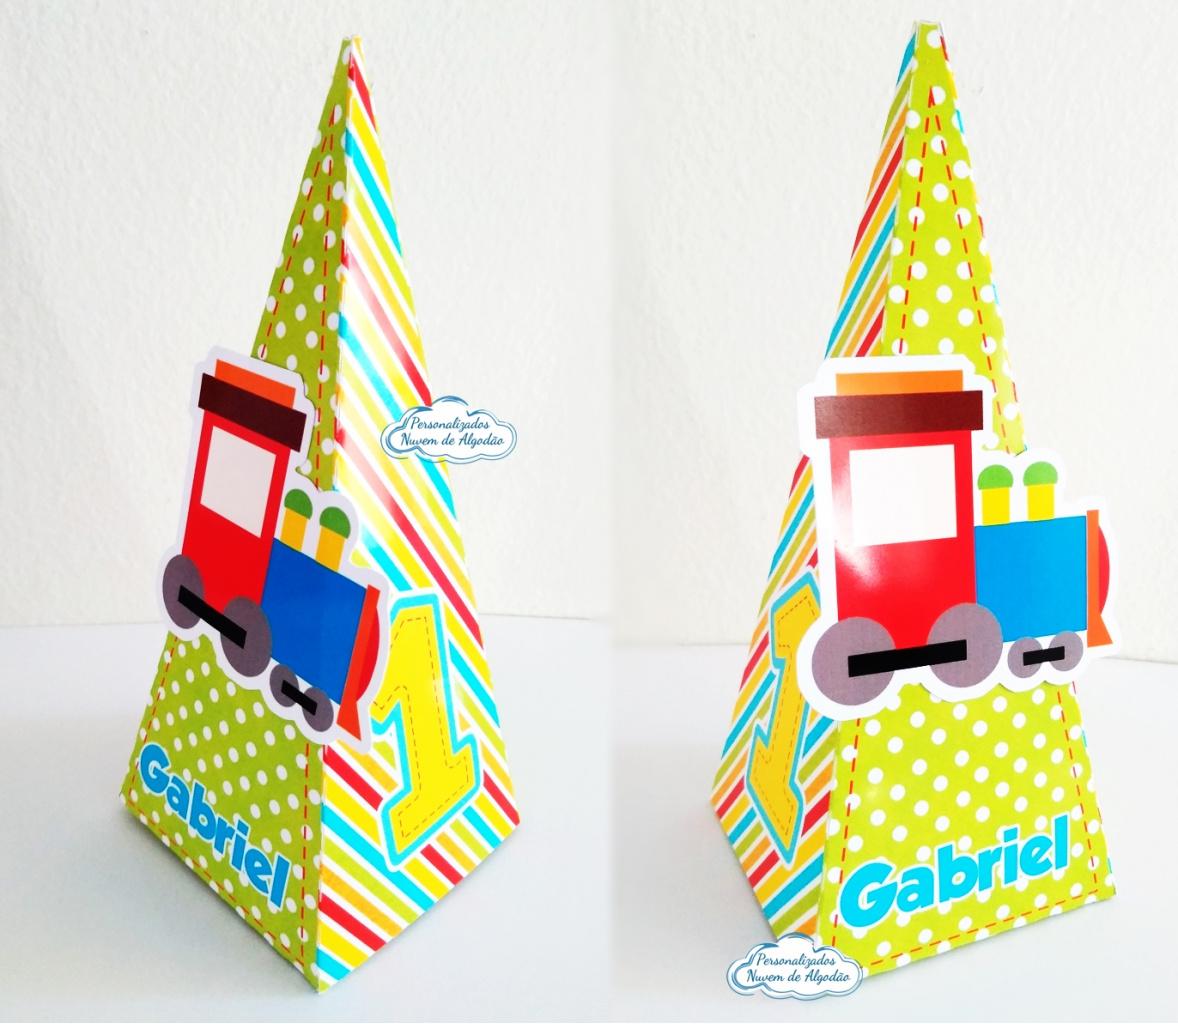 Nuvem de algodão personalizados - Caixa pirâmide Brinquedos